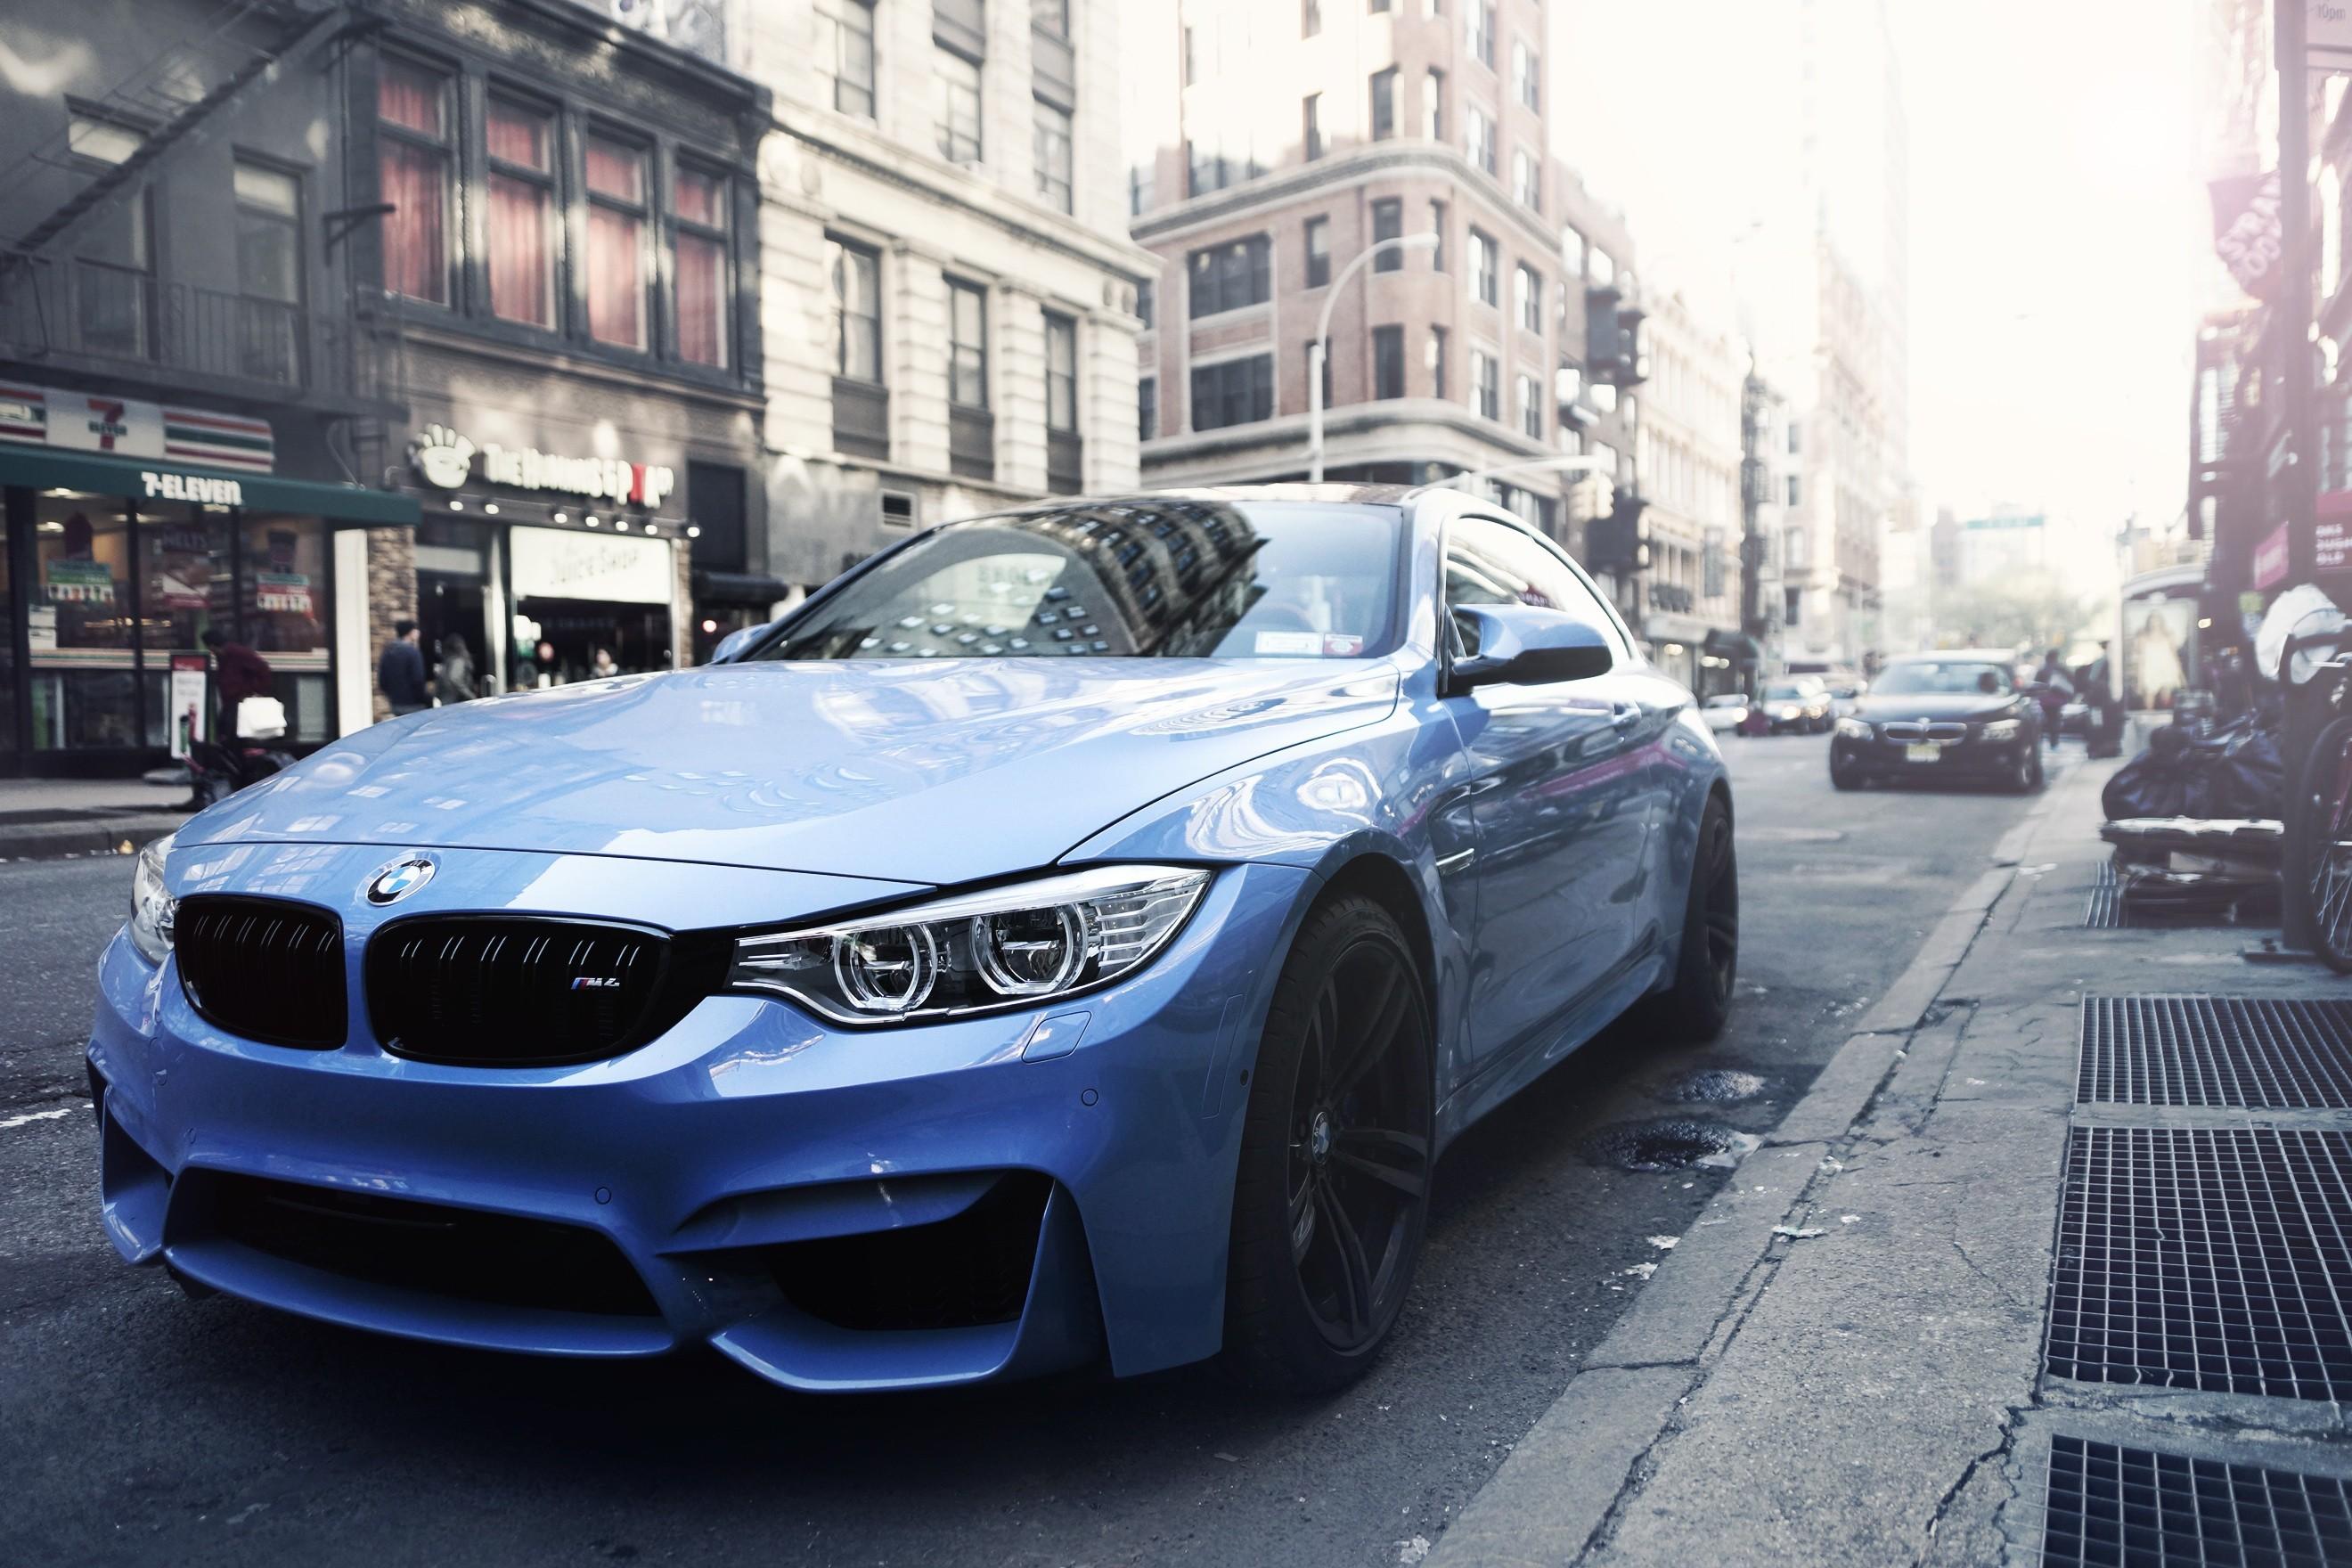 Wallpaper : city, sports car, BMW M3, BMW M4 Coupe, German